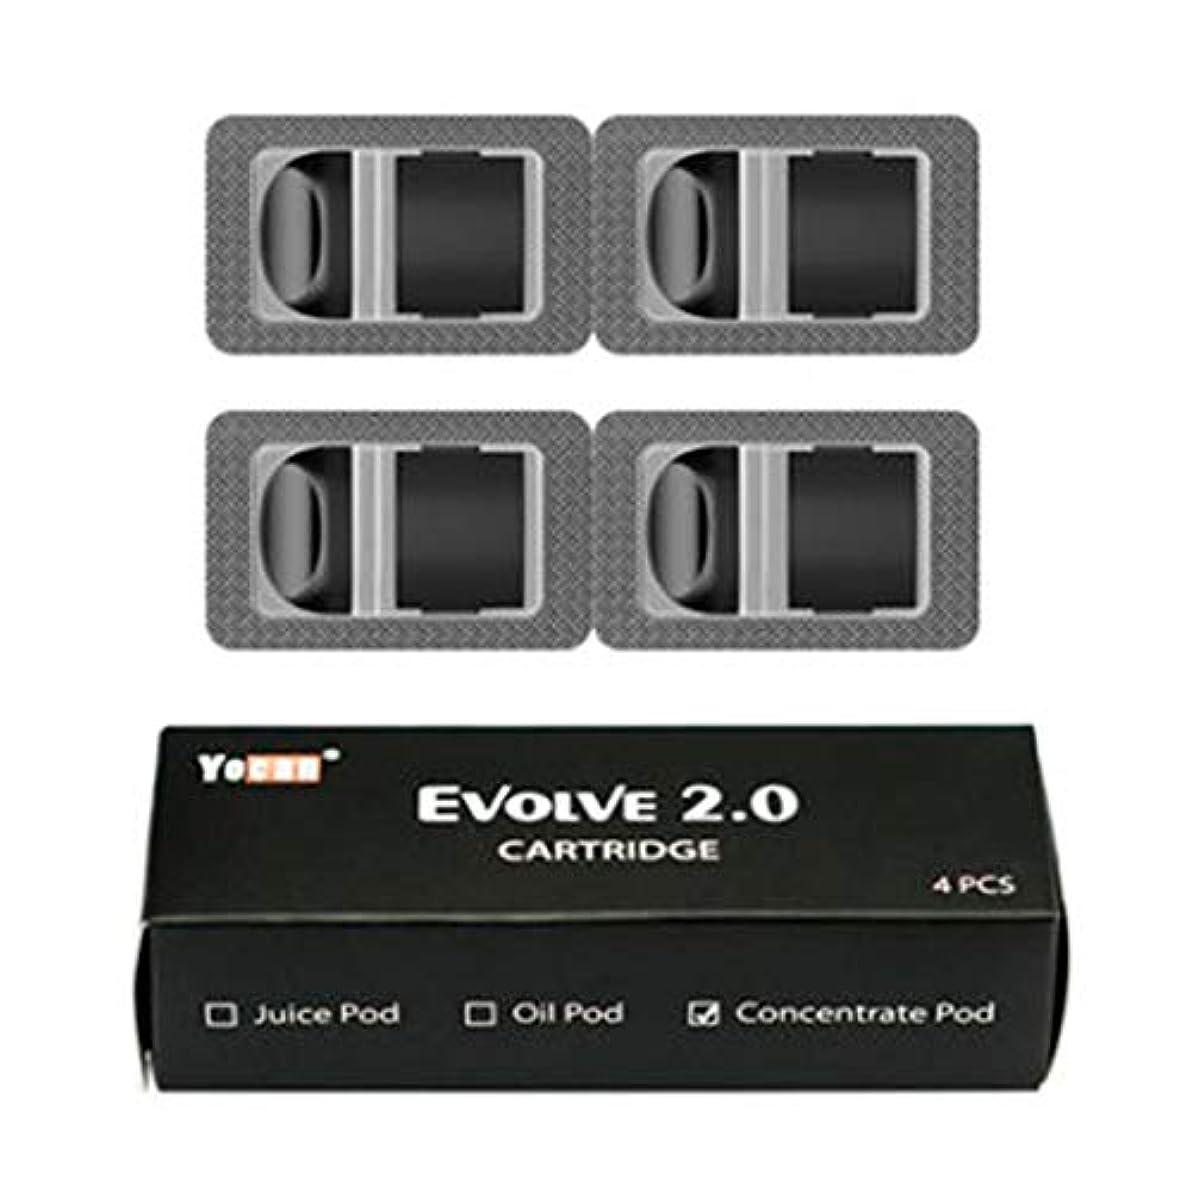 差輸送文明化Yocan Evolve 2.0 POD カートリッジ 4個入 (ワックス用)